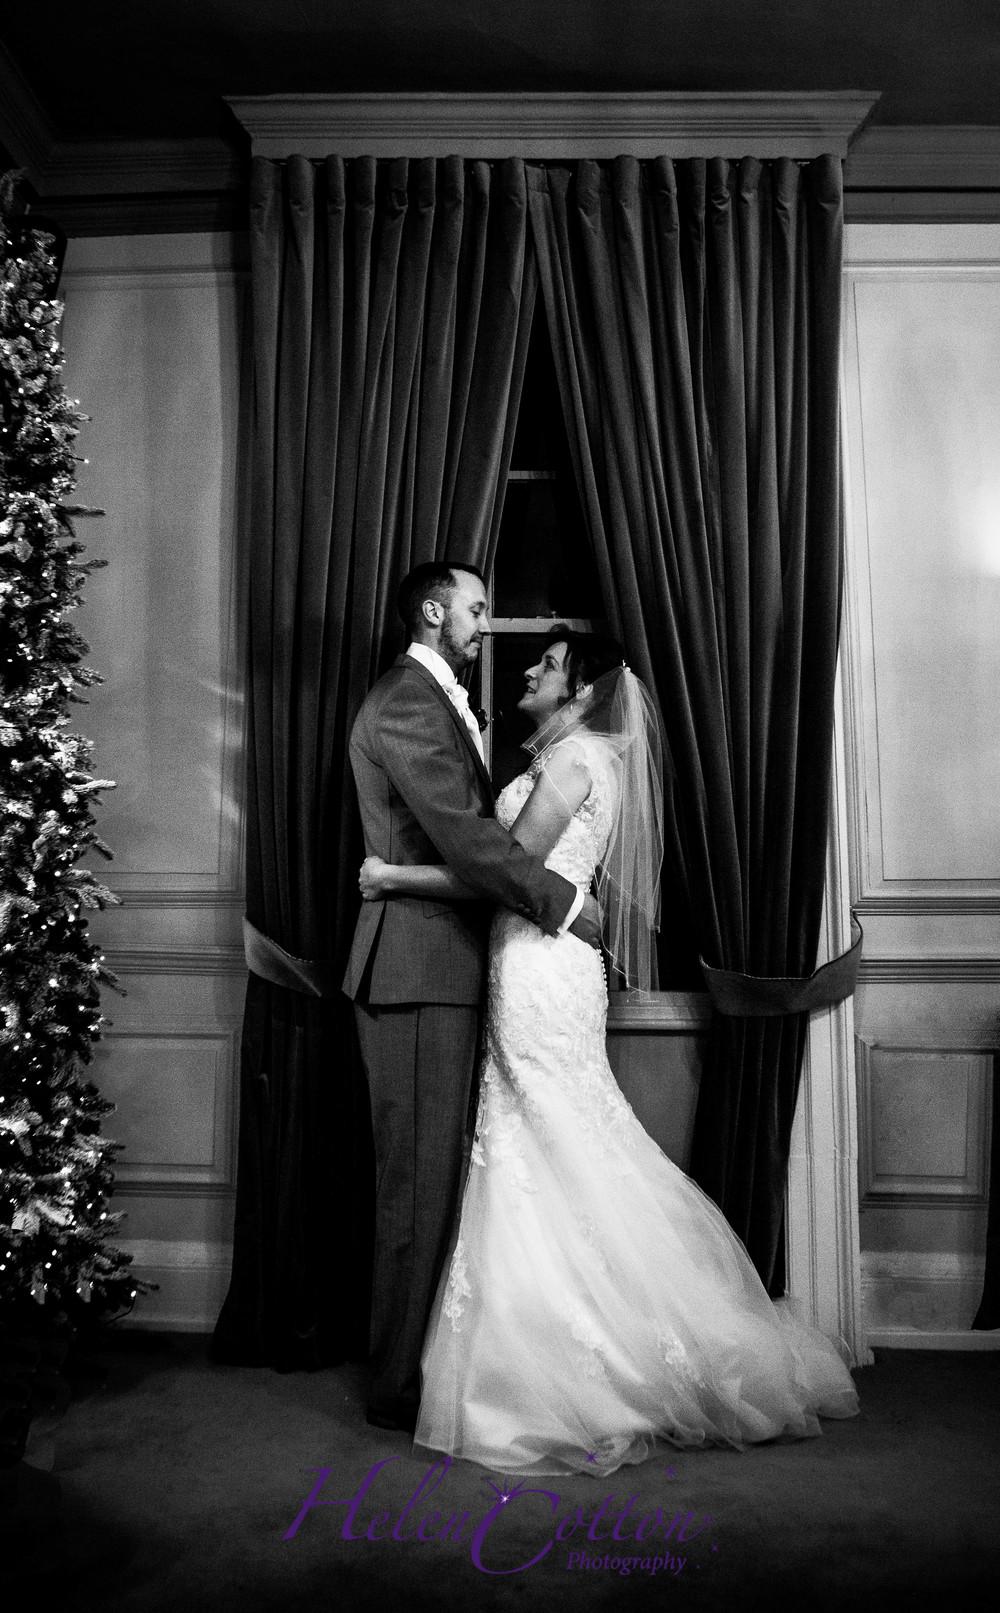 BECKY & MATT'S WEDDING_Helen Cotton Photography©--3.JPG